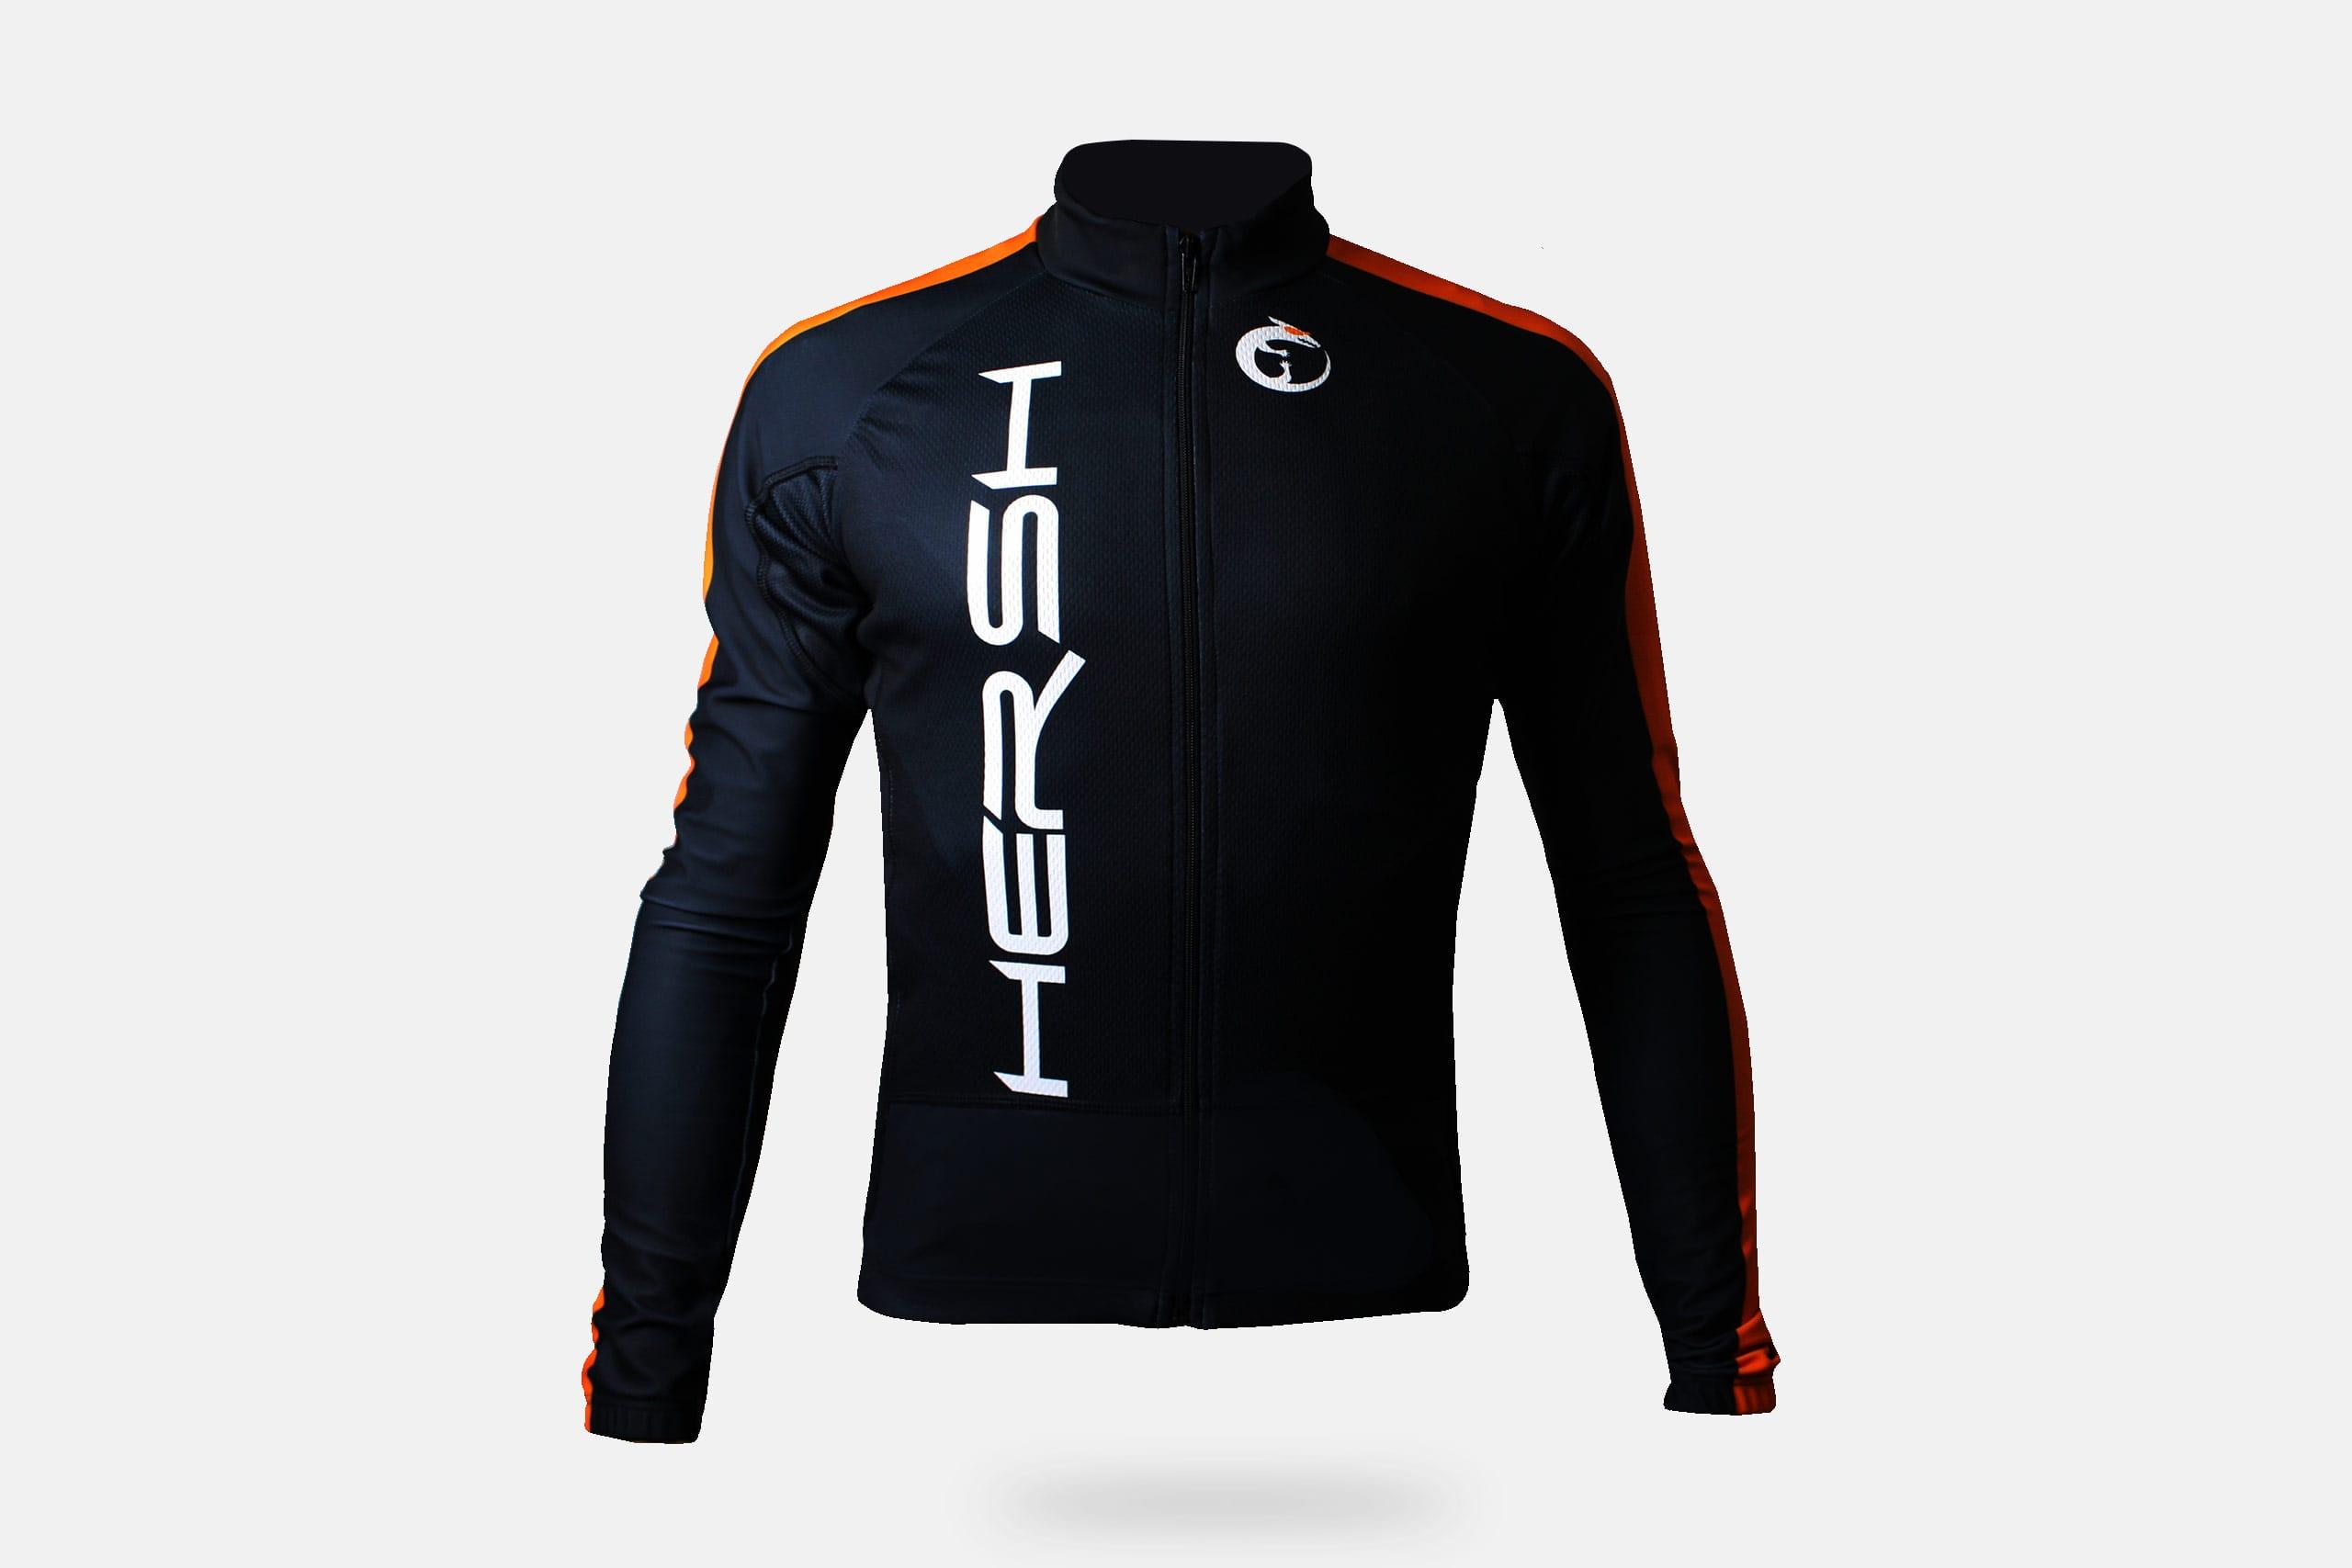 abbigliamento autunnale per bicicletta. Tessuto tecnico ad alte prestazioni.